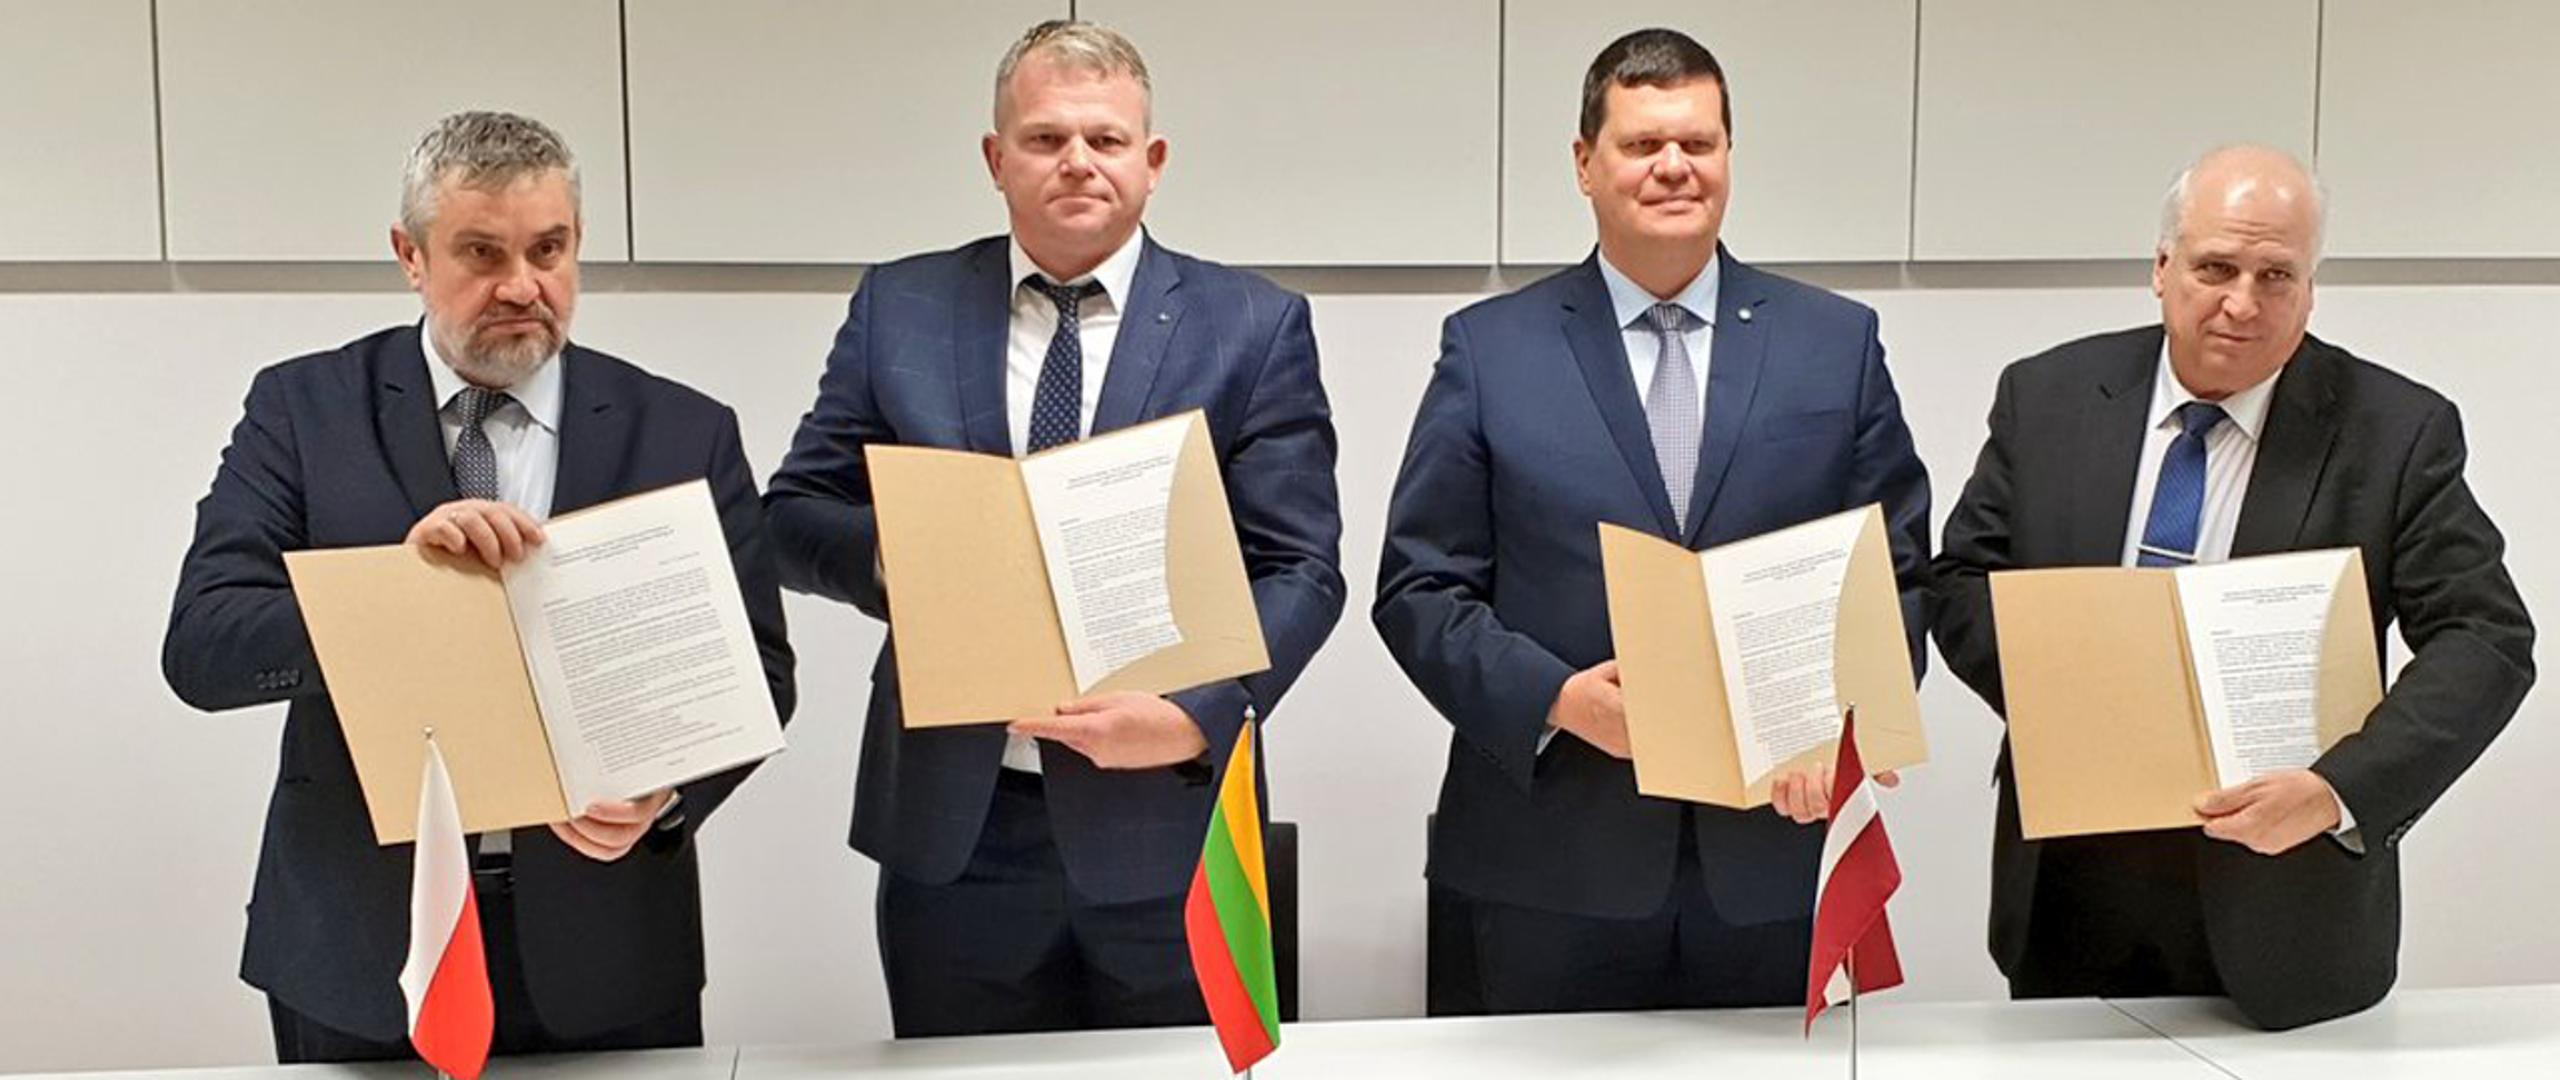 Spotkanie ministrów rolnictwa w Estonii